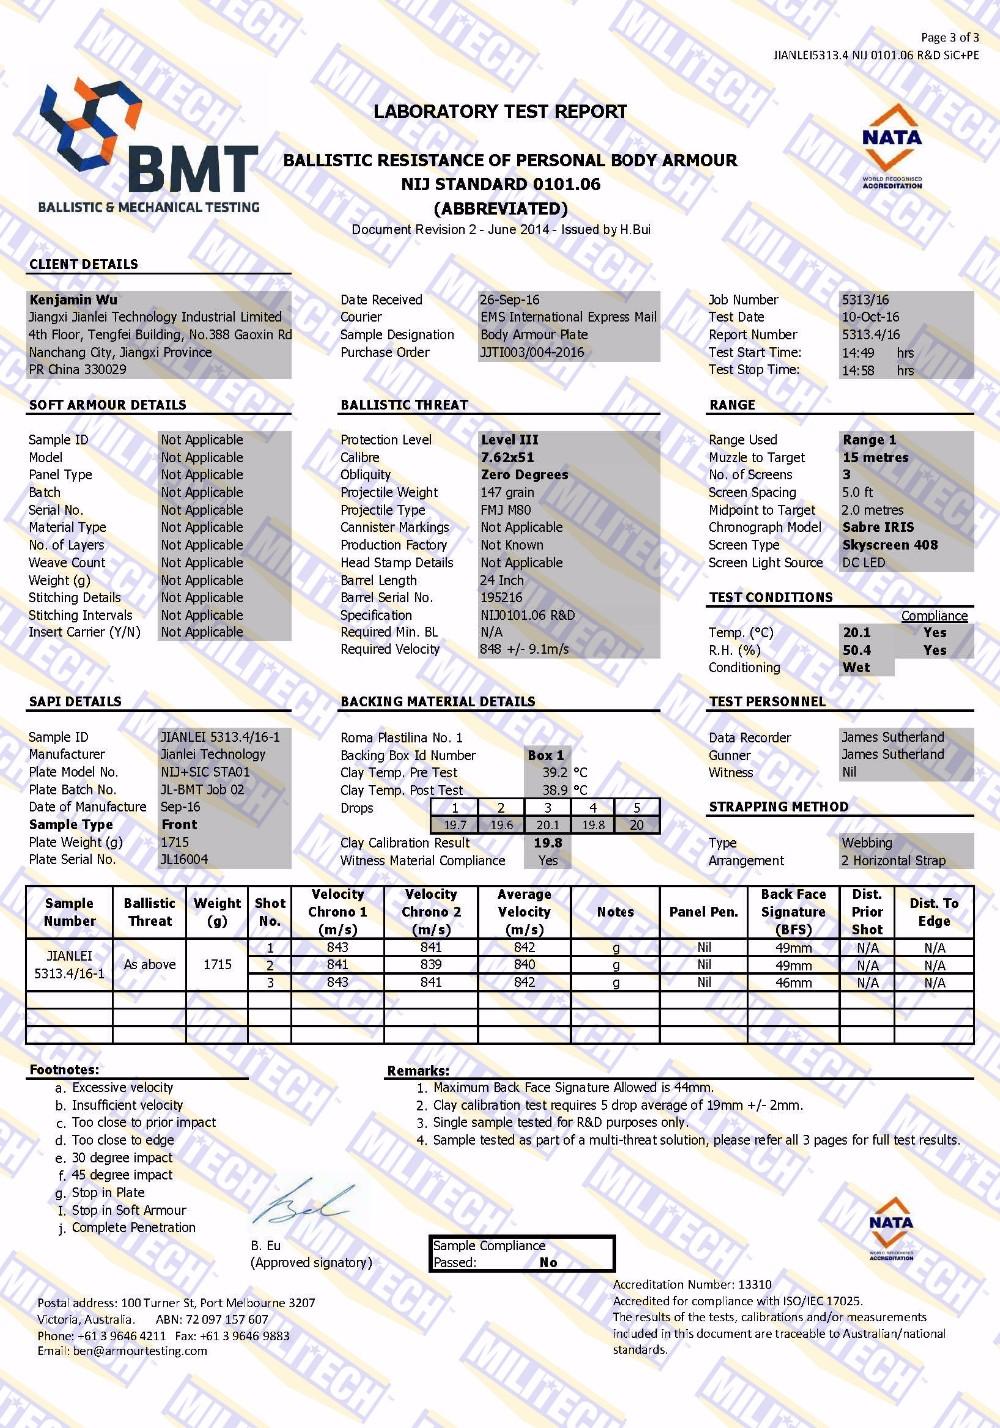 JIANLEI5313.4 NIJ 0101.06 R&D SiC+PE_Page_3